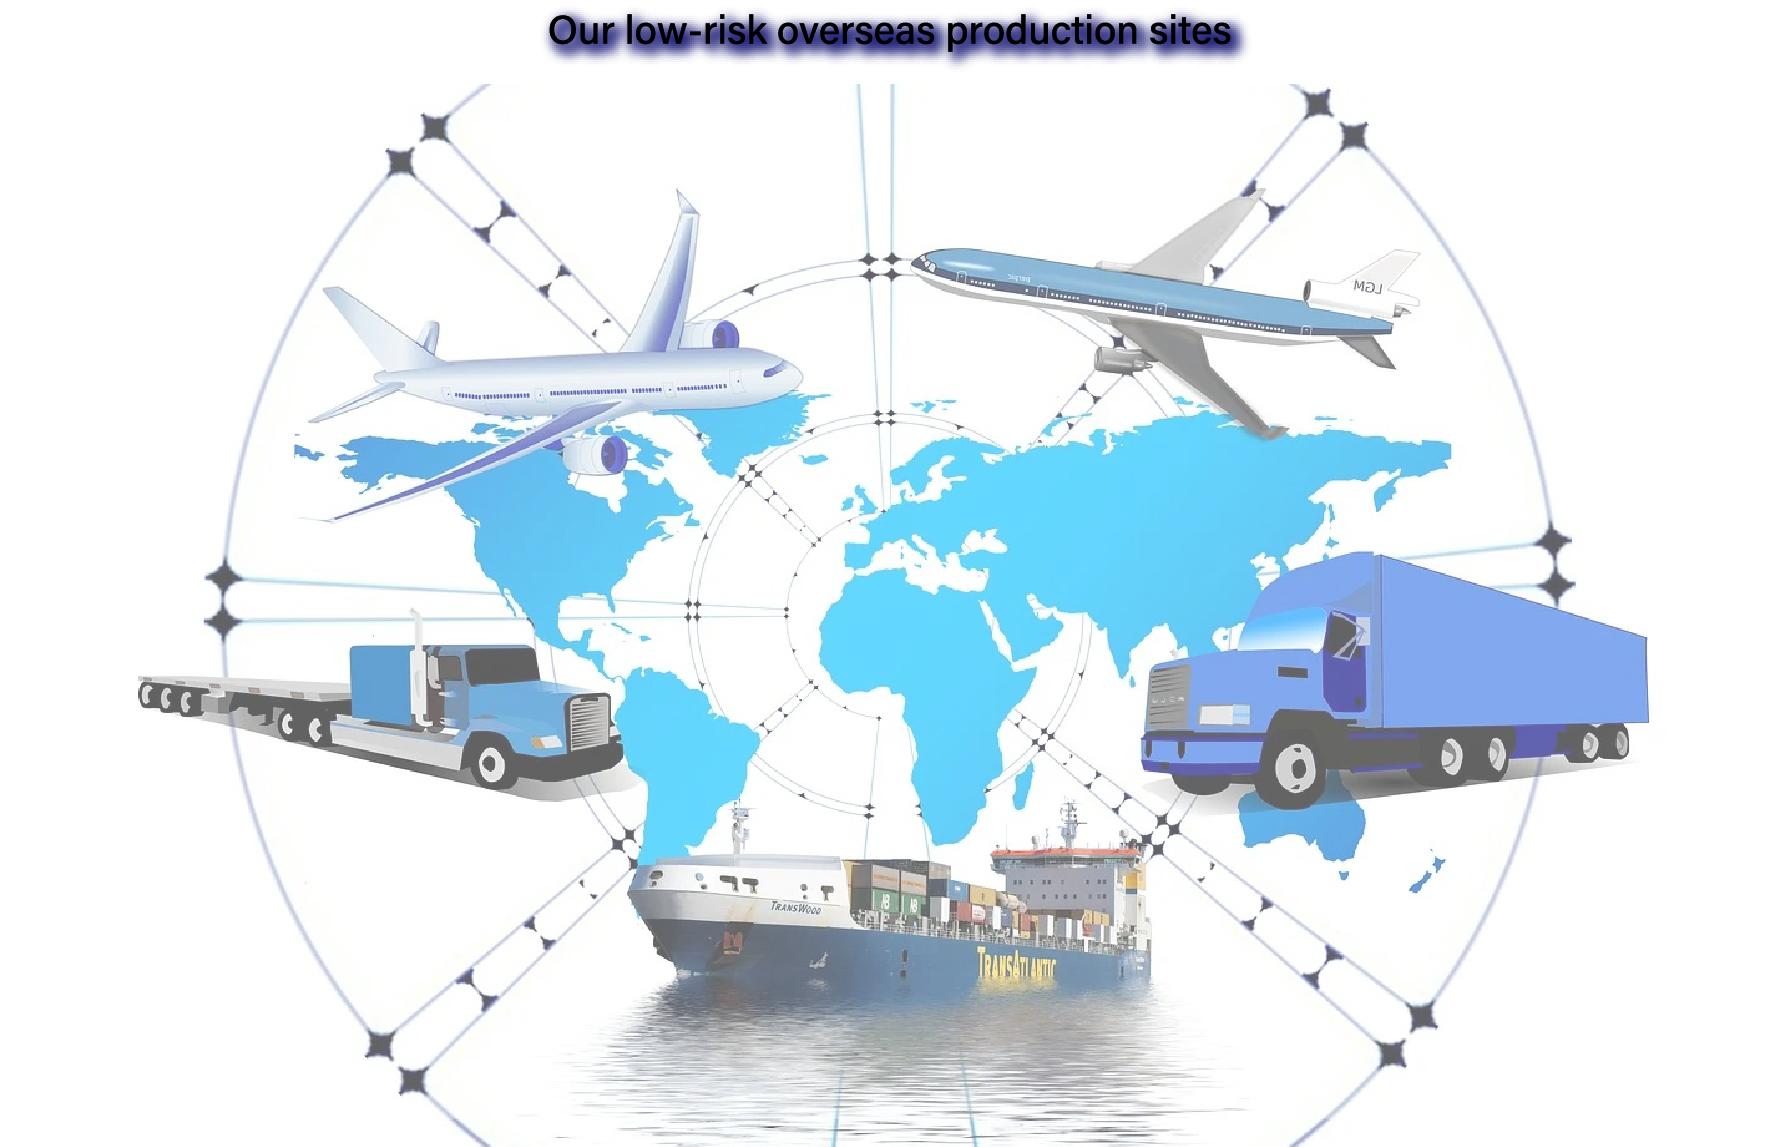 アークテックが実現する低リスクでの海外生産拠点化